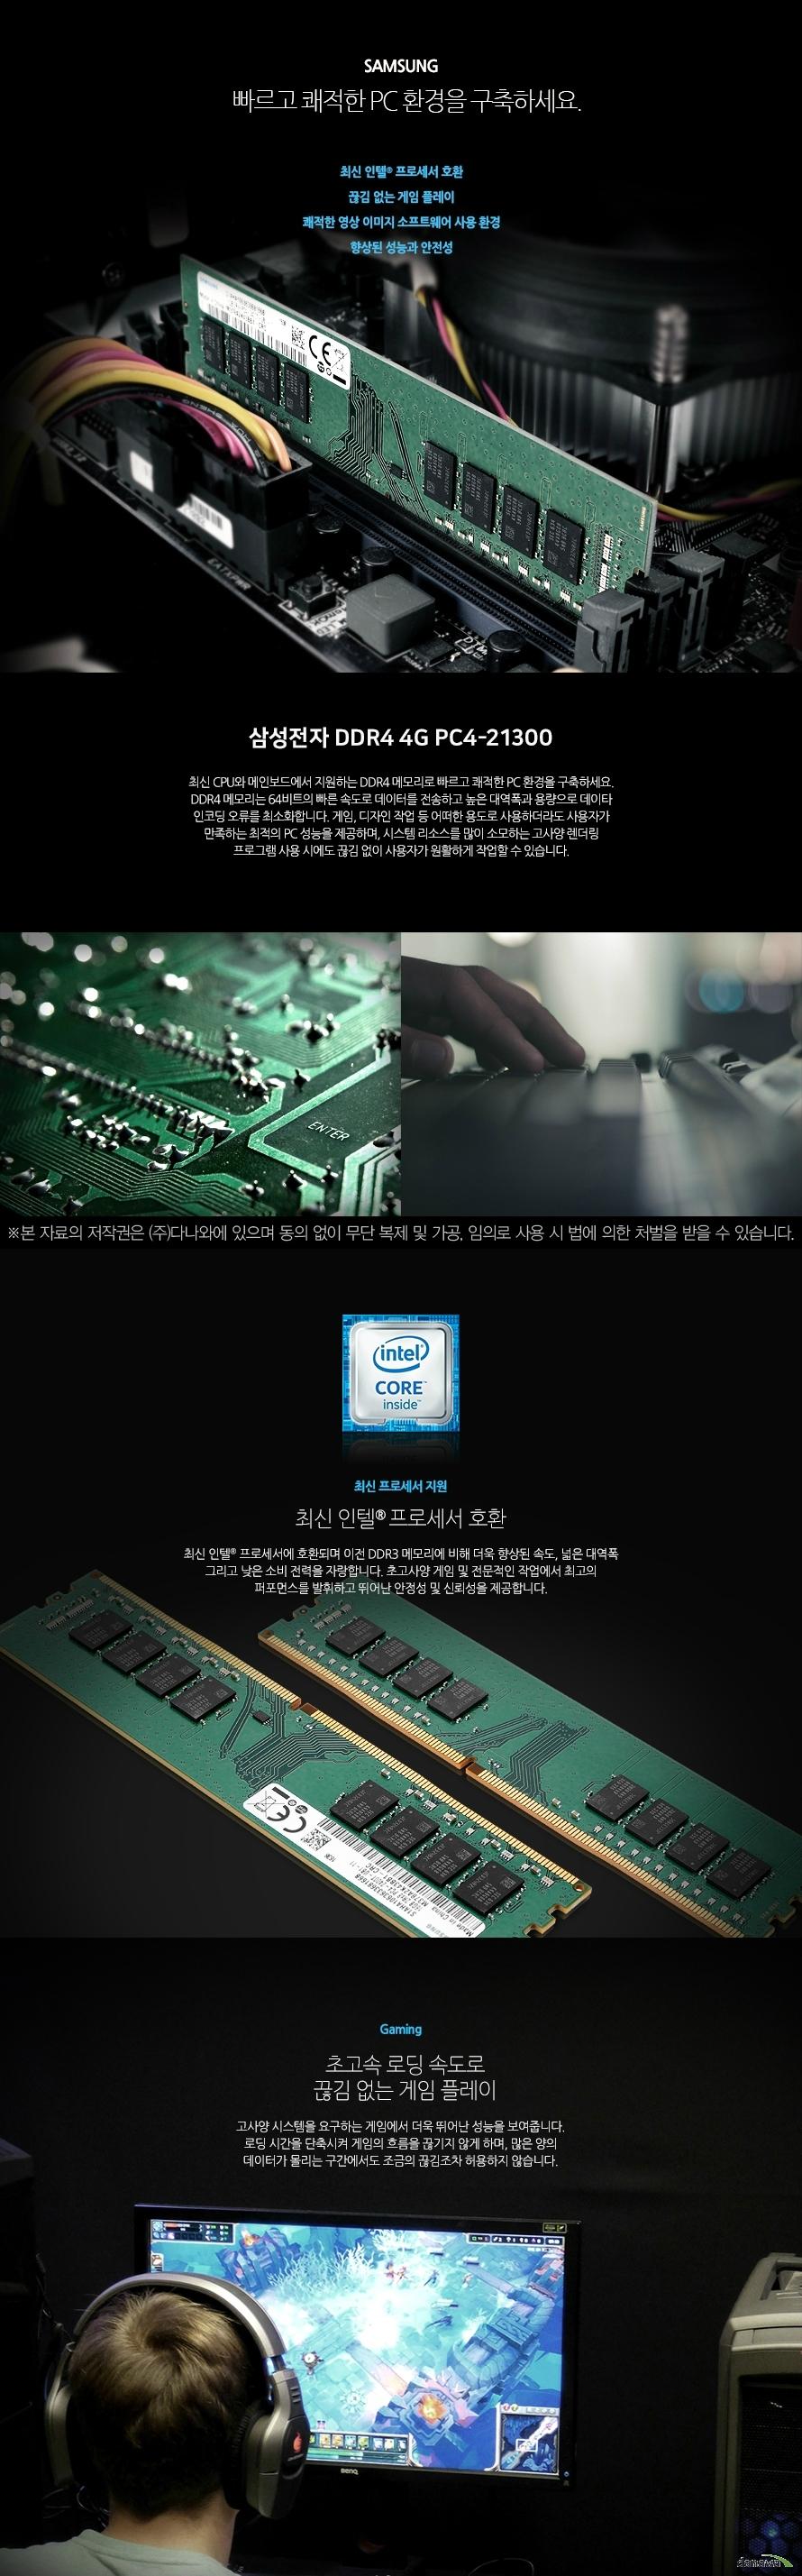 빠르고 쾌적한 PC 환경을 구축하세요. 최신 인텔 프로세서 호환 끊김 없는 게임 플레이  쾌적한 영상 이미지 소프트웨어 사용 환경  향상된 성능과 안전성  최신 CPU와 메인보드에서 지원하는 DDR4 메모리로 빠르고 쾌적한 PC 환경을 구축하세요. DDR4 메모리는 64비트의 빠른 속도로 데이터를 전송하고 높은 대역폭과 용량으로 데이타 인코딩 오류를 최소화합니다. 게임, 디자인 작업 등 어떠한 용도로 사용하더라도 사용자가 만족하는 최적의 PC 성능을 제공하며, 시스템 리소스를 많이 소모하는 고사양 렌더링 프로그램 사용 시에도 끊김 없이 사용자가 원활하게 작업할 수 있습니다.   최신 프로세서 지원 최신 인텔 프로세서 호환 최신 인텔 프로세서에 호환되며 이전 DDR3 메모리에 비해 더욱 향상된 속도, 넓은 대역폭 그리고 낮은 소비 전력을 자랑합니다. 초고사양 게임 및 전문적인 작업에서 최고의 퍼포먼스를 발휘하고 뛰어난 안정성 및 신뢰성을 제공합니다.     Gaming 초고속 로딩 속도로 끊김 없는 게임 플레이 고사양 시스템을 요구하는 게임에서 더욱 뛰어난 성능을 보여줍니다. 로딩 시간을 단축시켜 게임의 흐름을 끊기지 않게 하며, 많은 양의 데이터가 몰리는 구간에서도 조금의 끊김조차 허용하지 않습니다.  Design 웹, 그래픽, 영상 편집 프로그램 성능 향상 고성능 메모리로 작업 능률을 향상 시켜보세요. 고용량 사진 작업 및 고화질 영상 작업, 렌더링, 인코딩 작업을 할 때 더욱 큰 성능을 발휘합니다. 병목현상을 최소화하여 끊김, 지연 현상을 없애고 쾌적한 작업 환경을 조성할 수 있도록 도와줍니다.  clock 높은 메모리 클럭으로 더욱 빠른 PC환경! 높은 메모리 동작 클럭이 빠른 동작 속도를 제공함으로써, 사용자는 더욱 쾌적한 PC 사용환경을 경험할 수 있습니다. 일반 메모리에 비해 향상된 성능과 안전성으로 게이밍, 그래픽 작업 등 다양한 환경에서 최고의 퍼포먼스를 제공합니다.